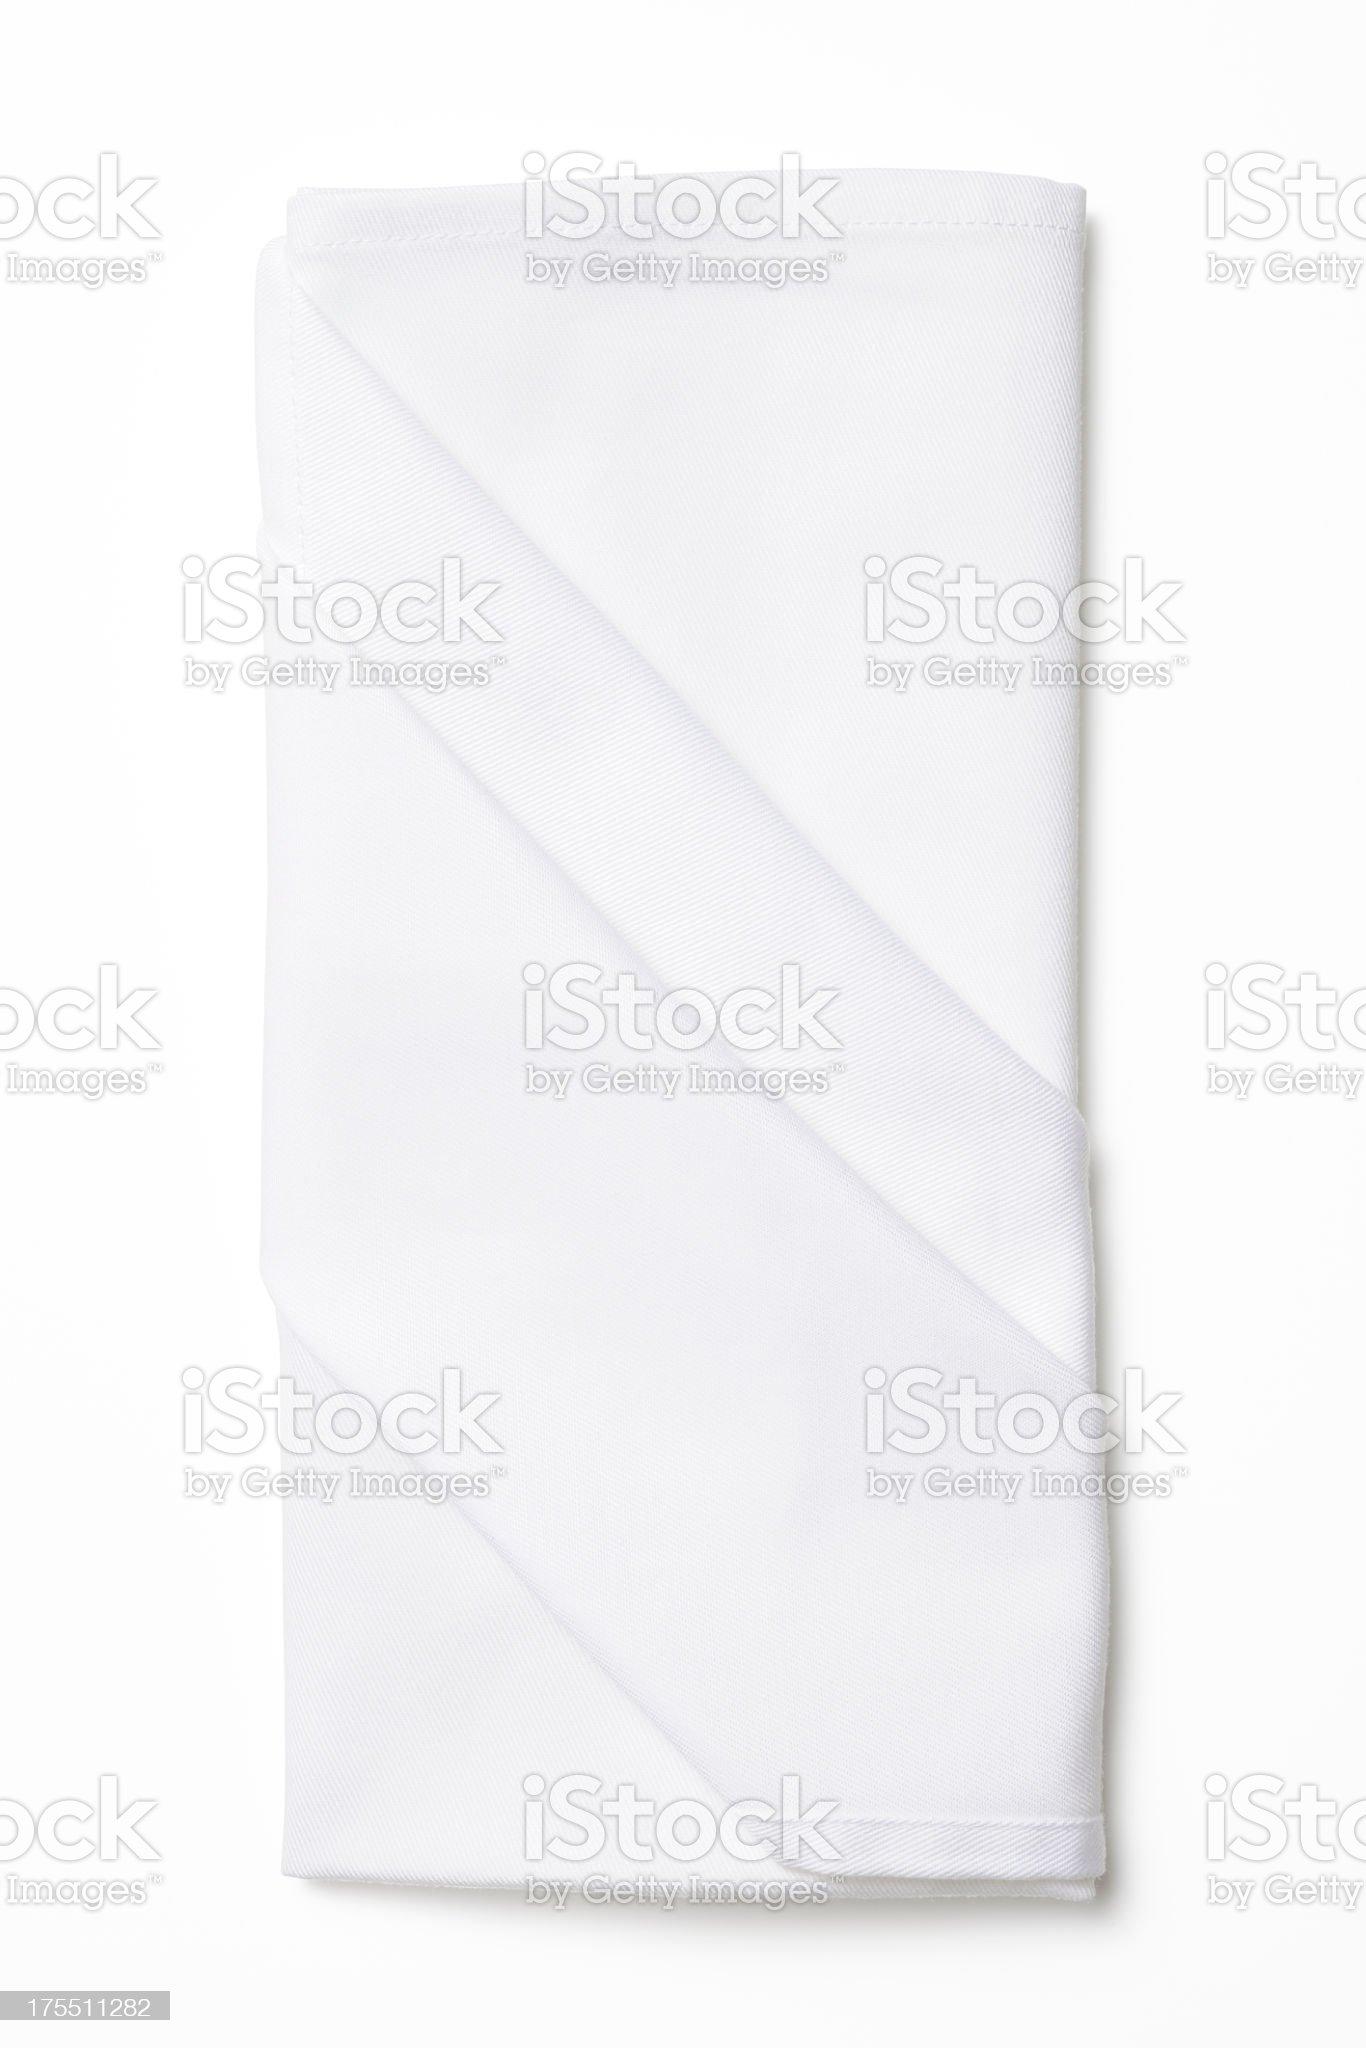 Isolated shot of folded white napkin on white background royalty-free stock photo